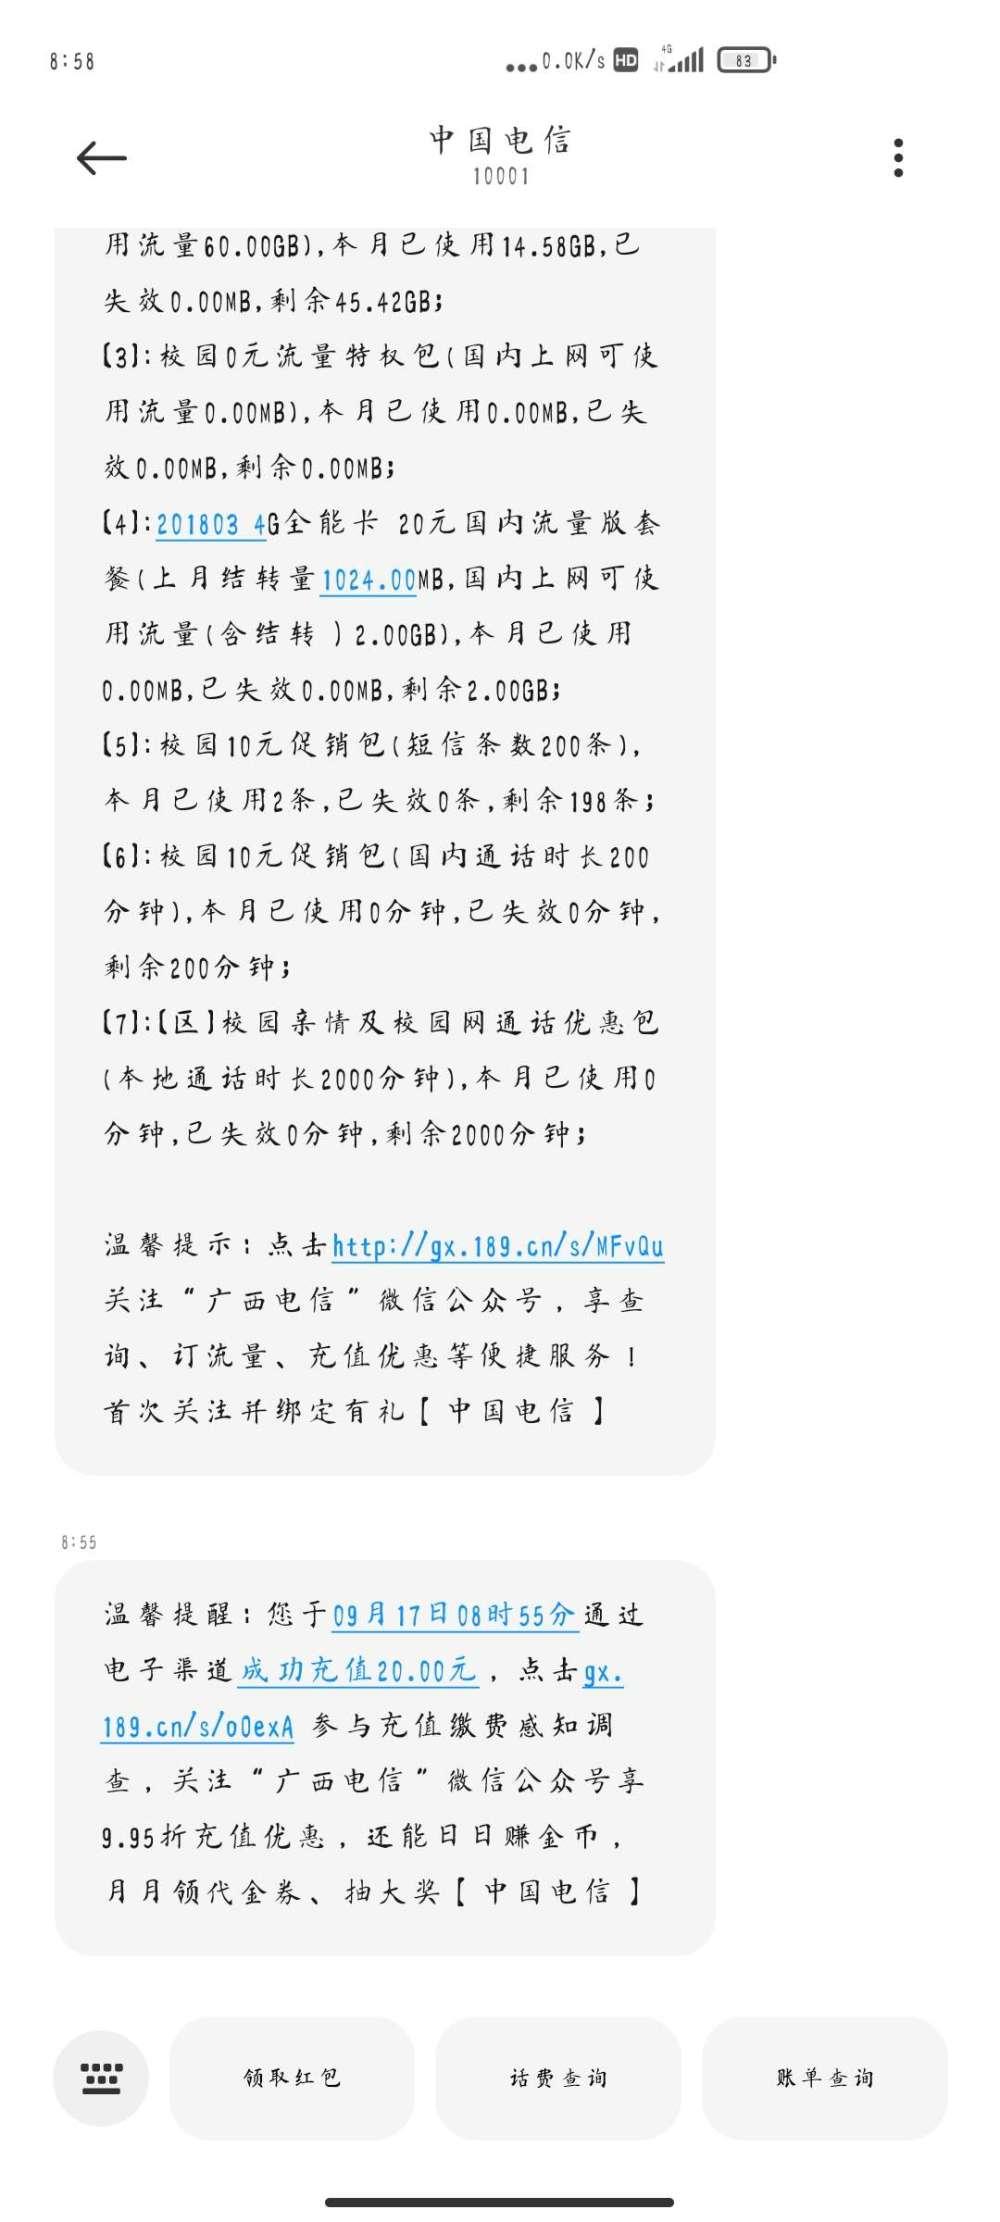 图片[1]-浙江农行撸30话费-飞享资源网